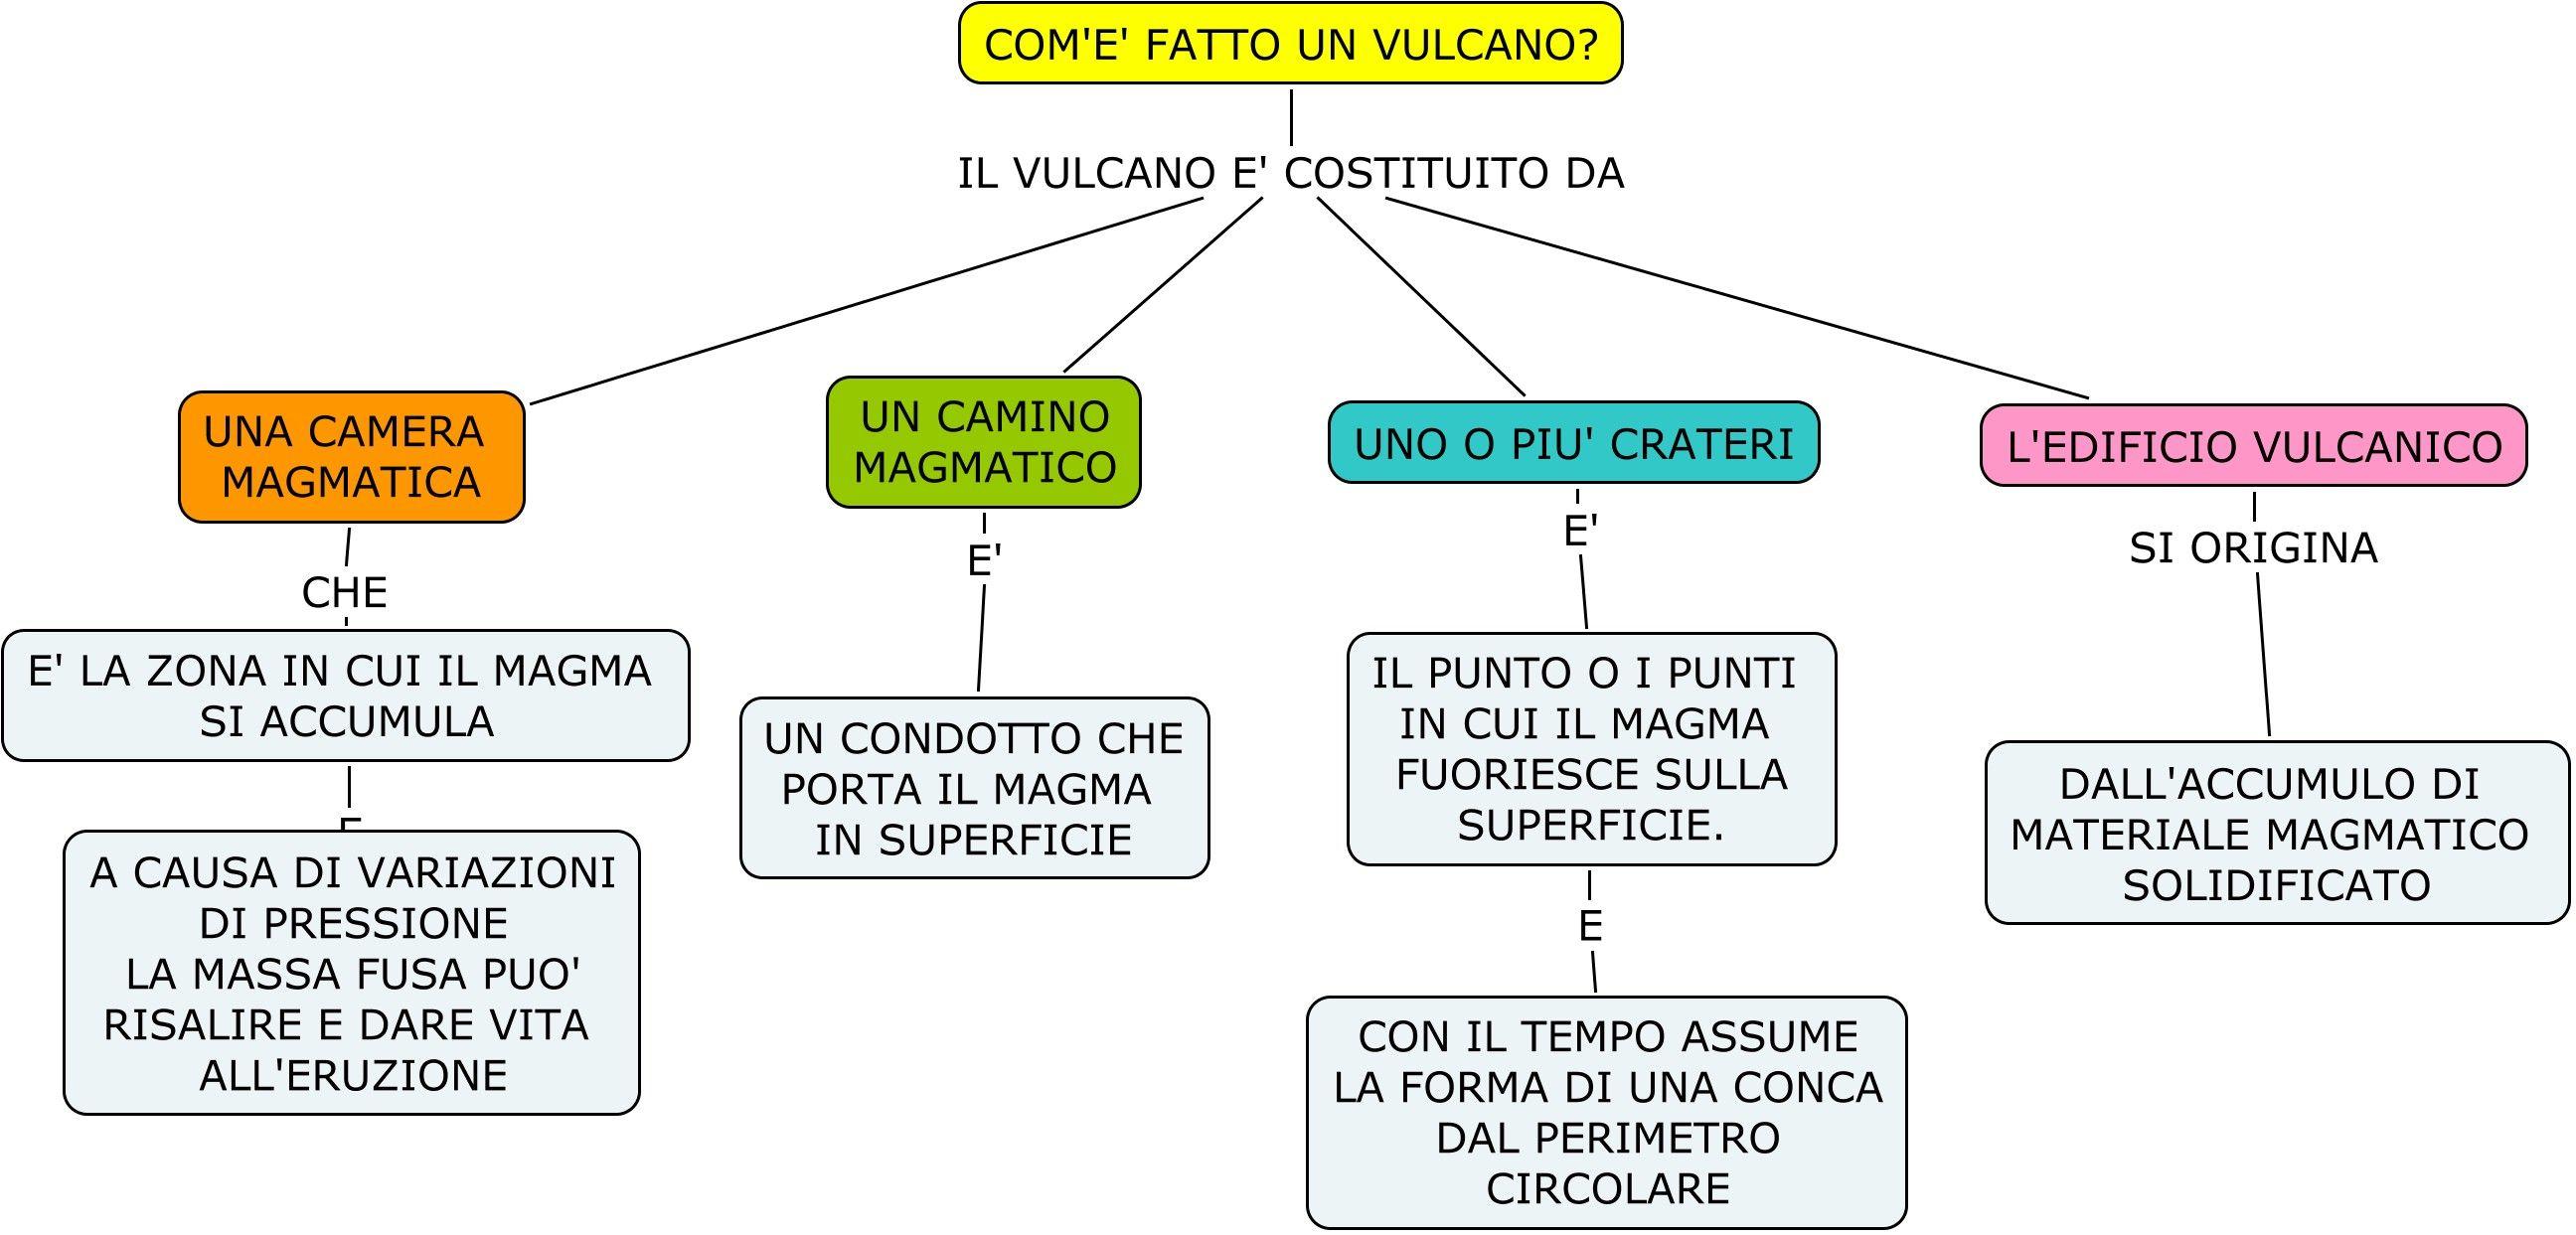 Pin su geografia 1 europa fisica italia for Scienze della comunicazione esami da sostenere